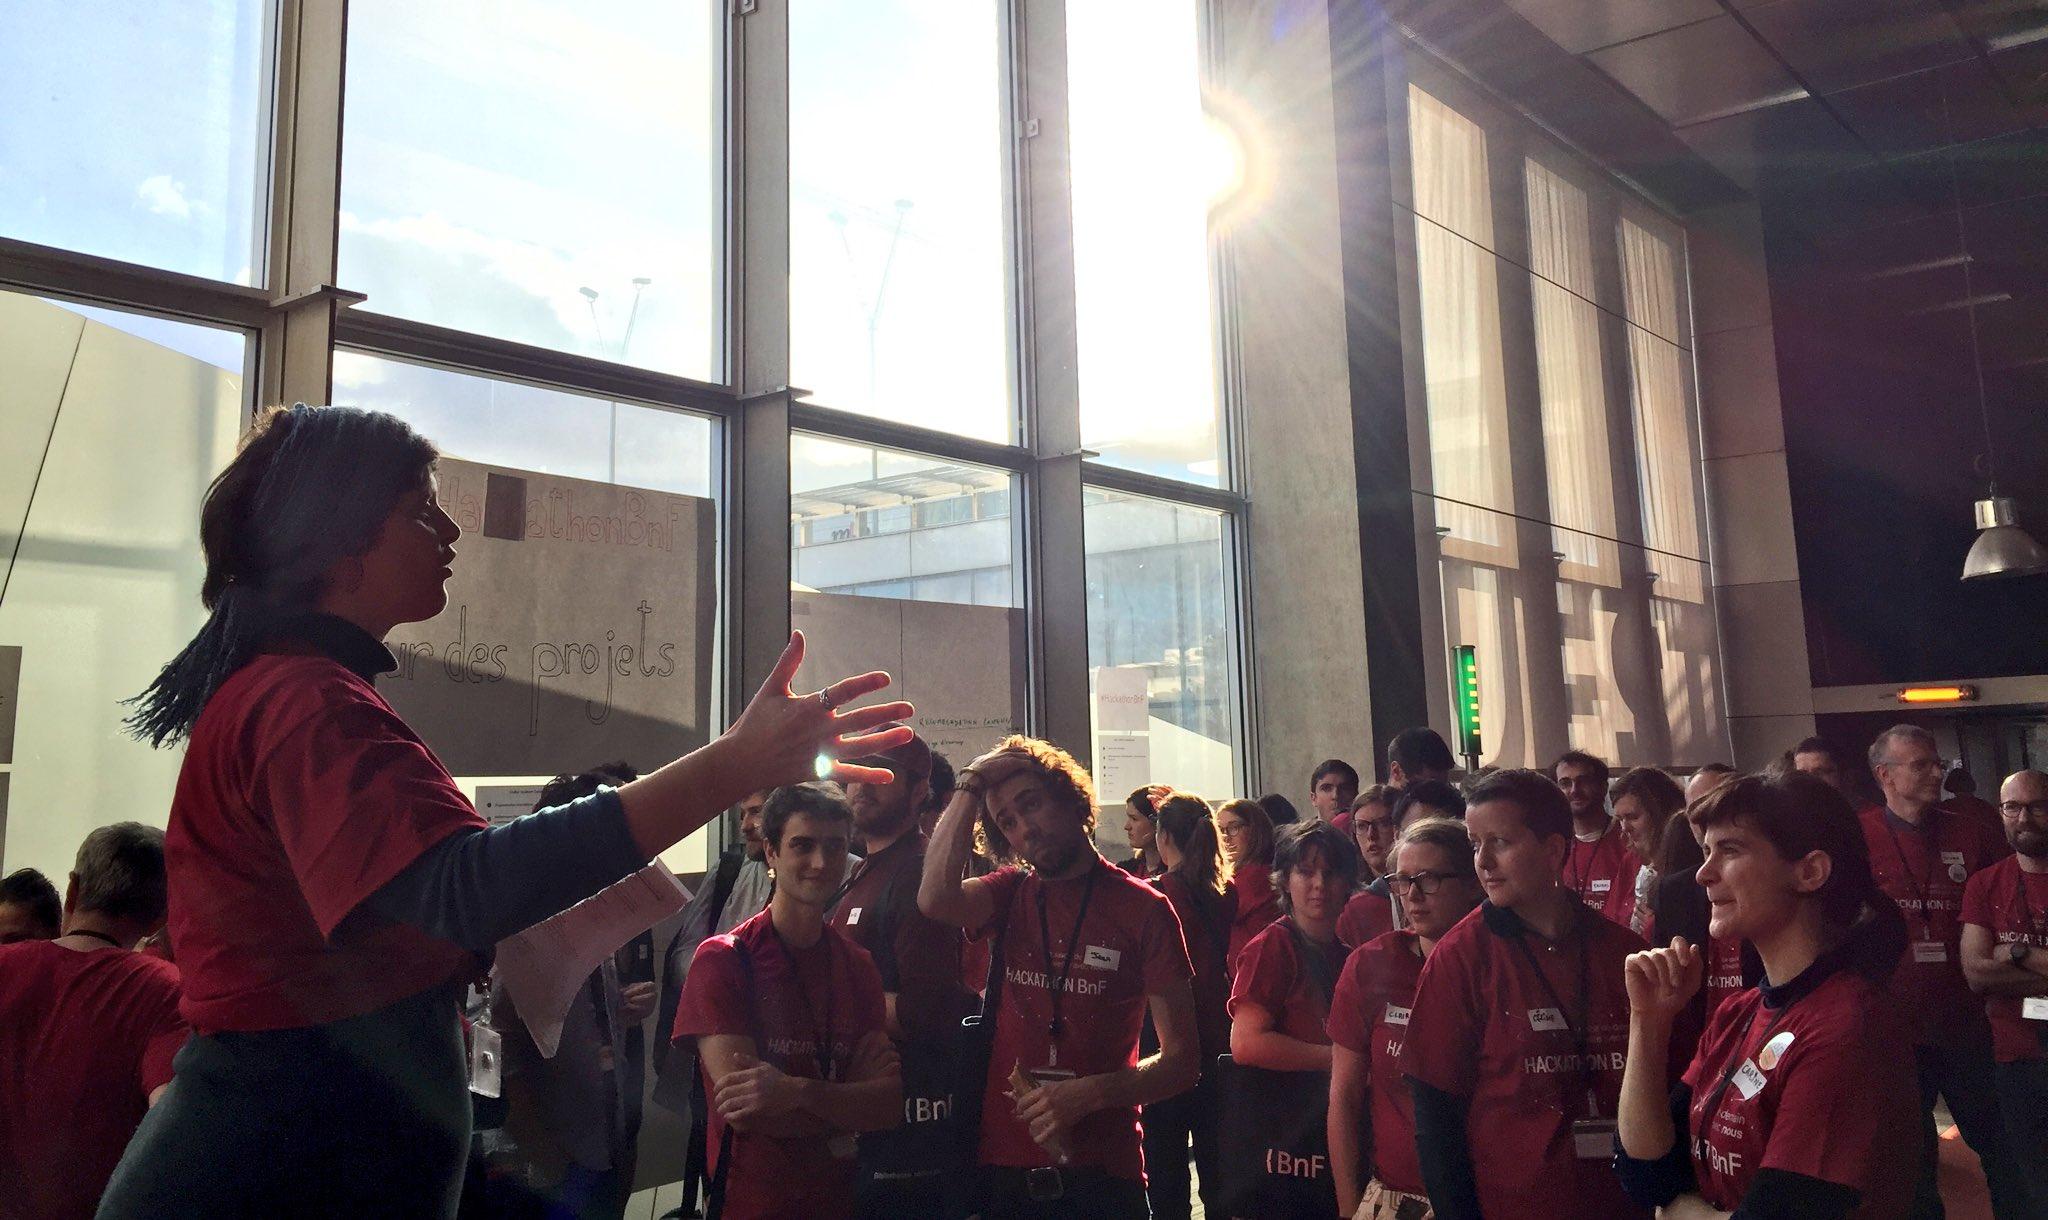 #hackathonBnF @archives_masala lance l'appel au pitch : les équipes sont appelées à se former rapidement ;) https://t.co/GWH4zXzITW